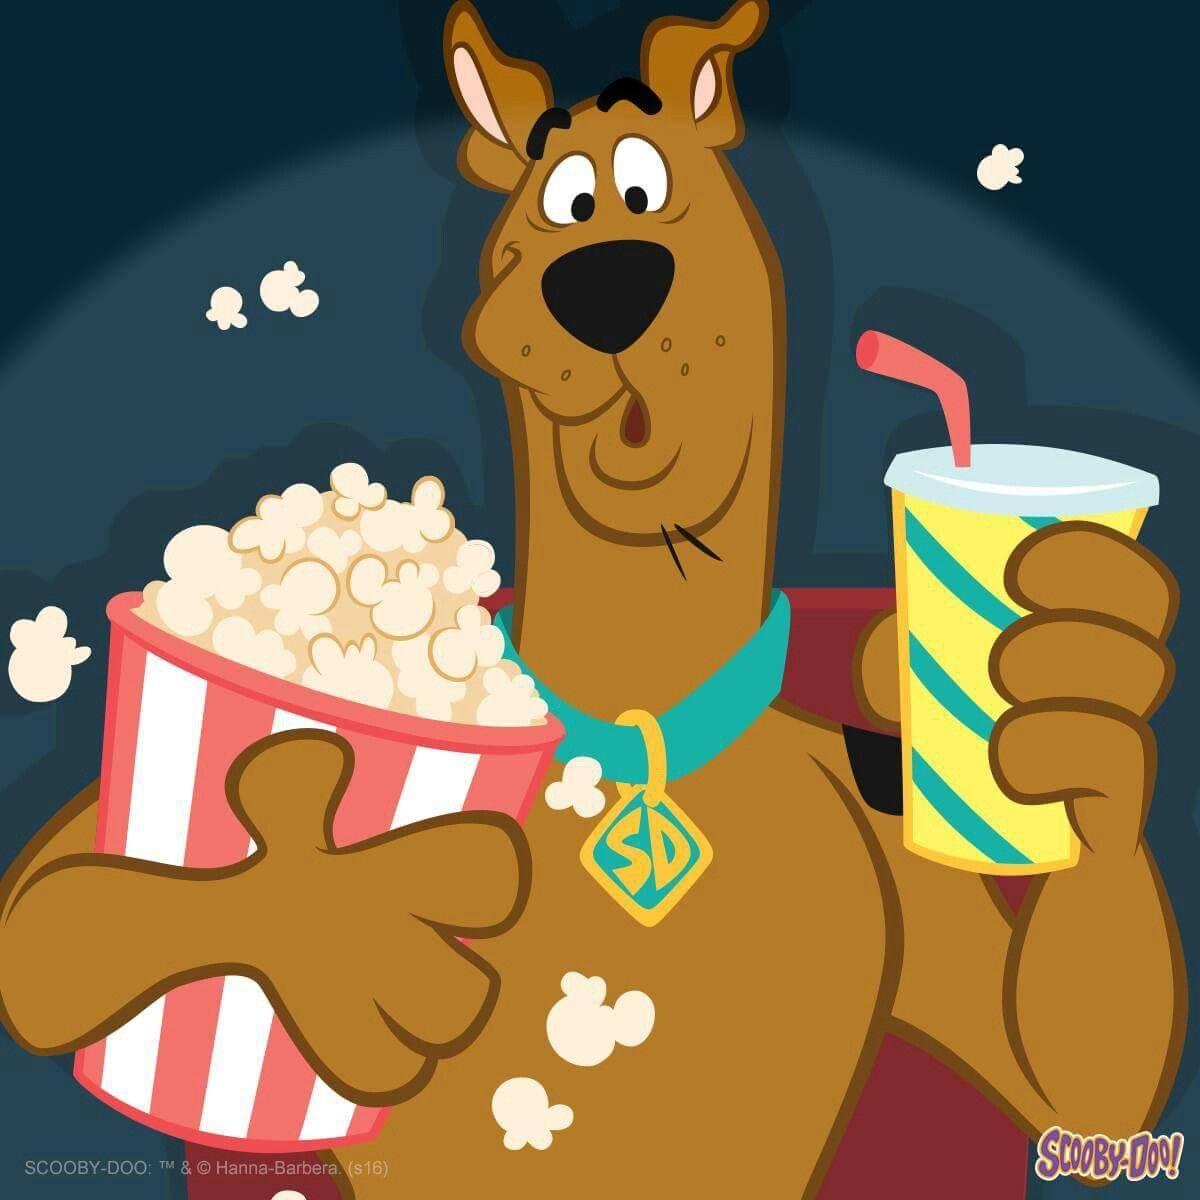 Scooby Doo | Scooby Doo | Pinterest | Fondos, Fondos de pantalla y ...